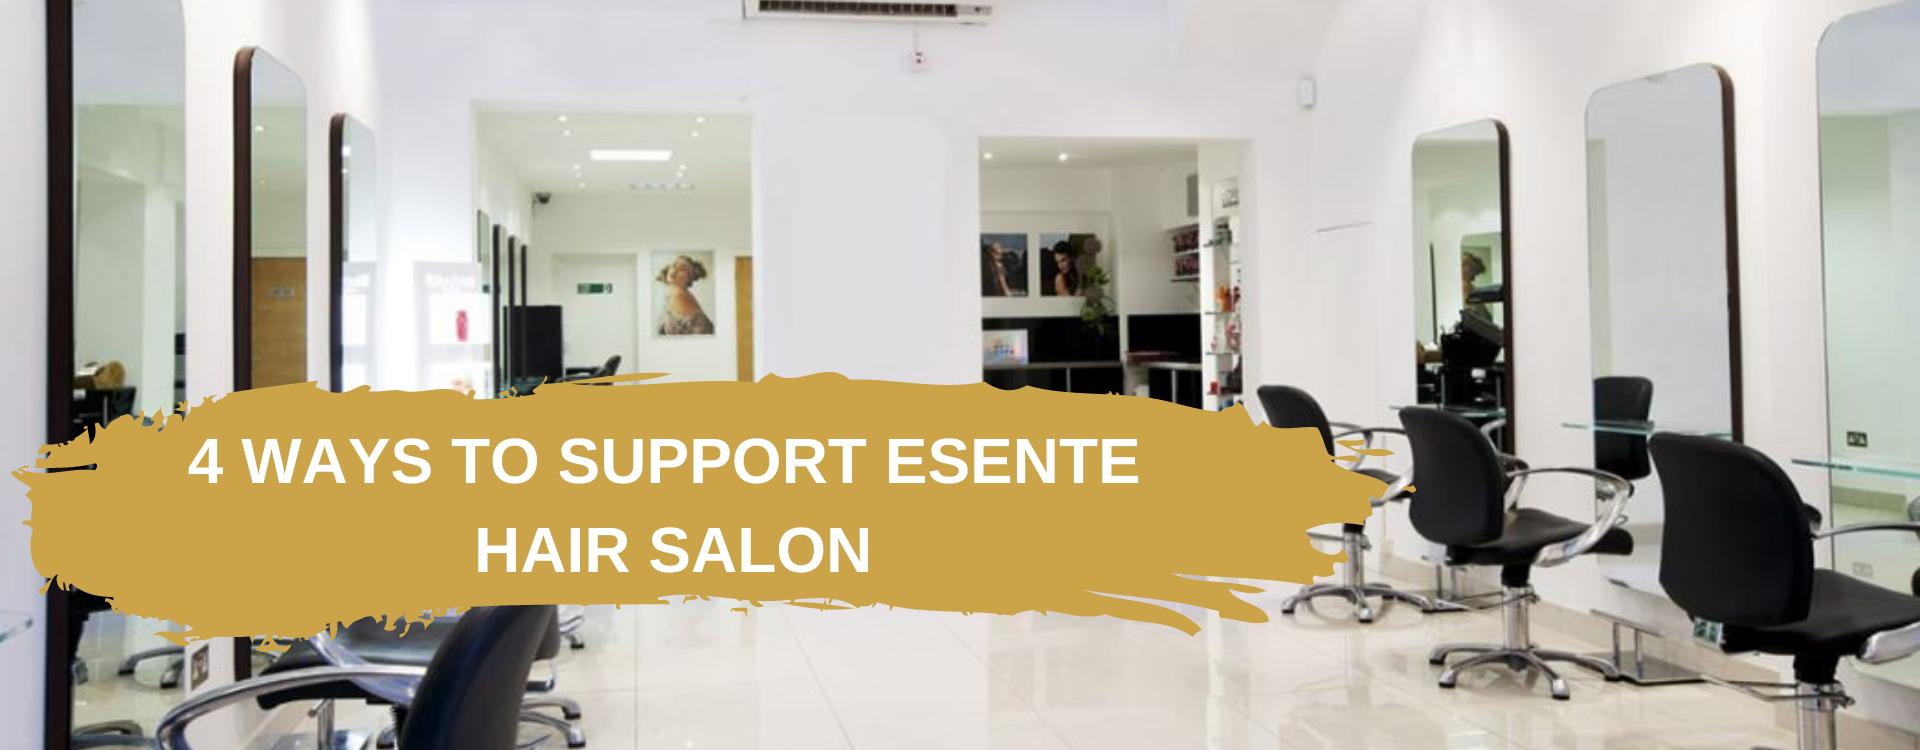 4 WAYS TO SUPPORT ESENTE HAIR SALON IN WIMBLEDON